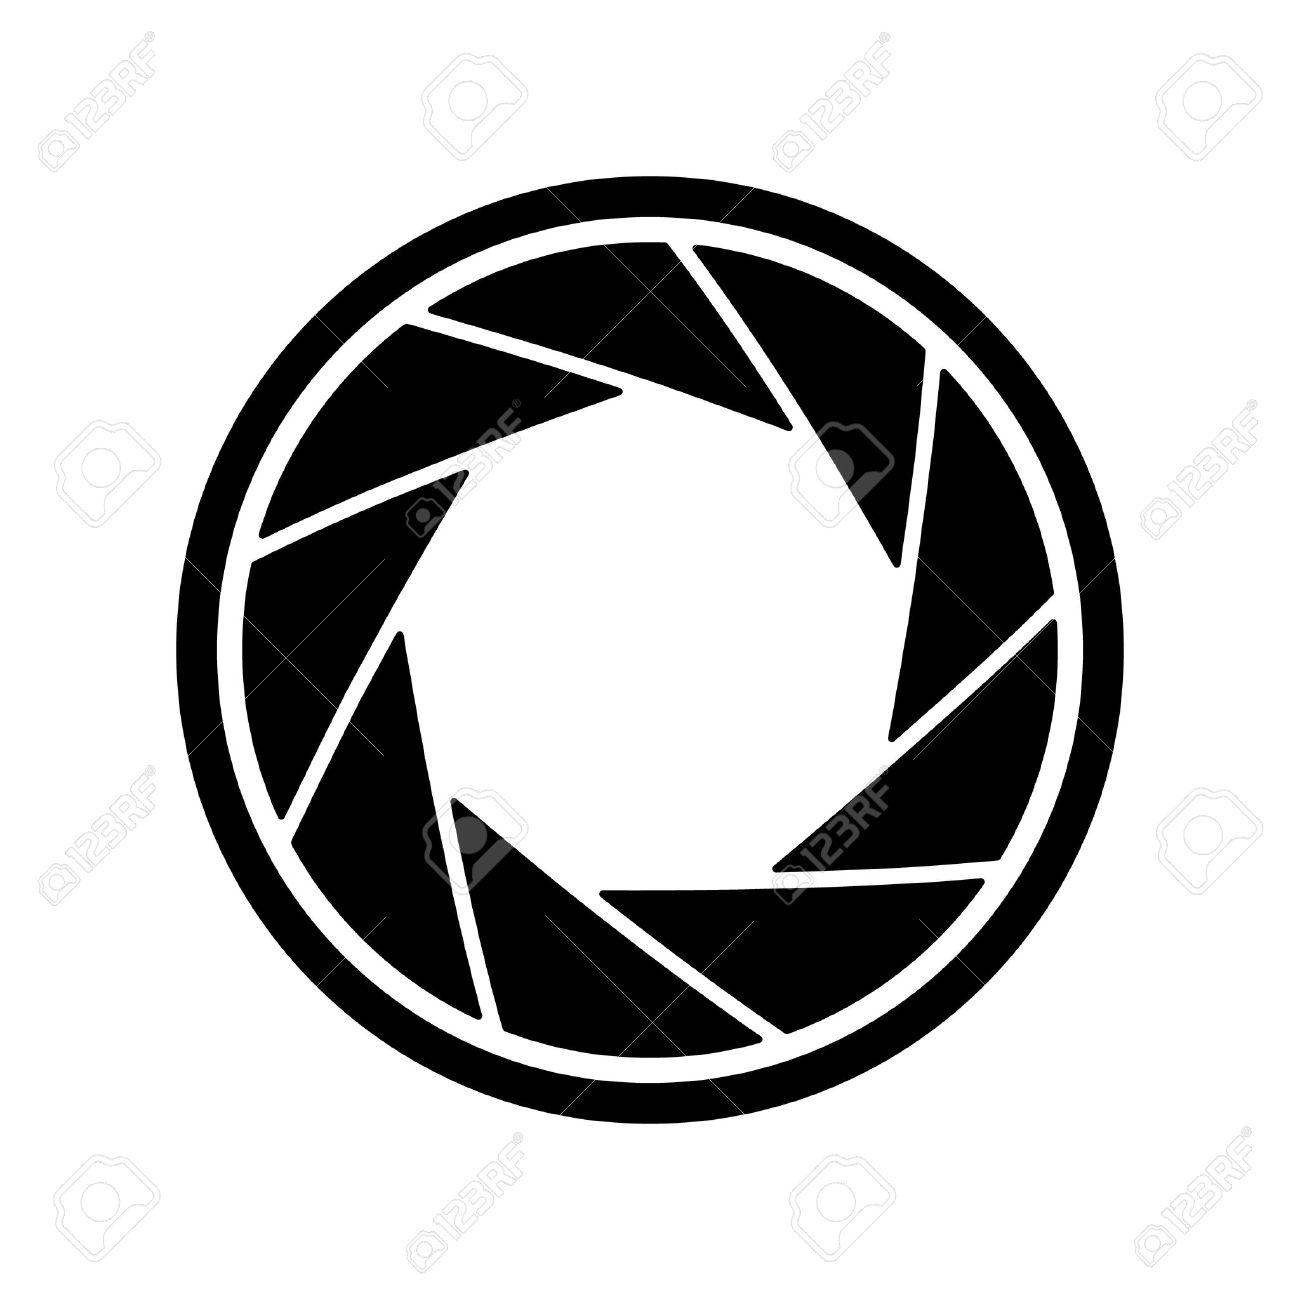 El Icono De Diafragma. Símbolo De Apertura Ilustración Vectorial ...